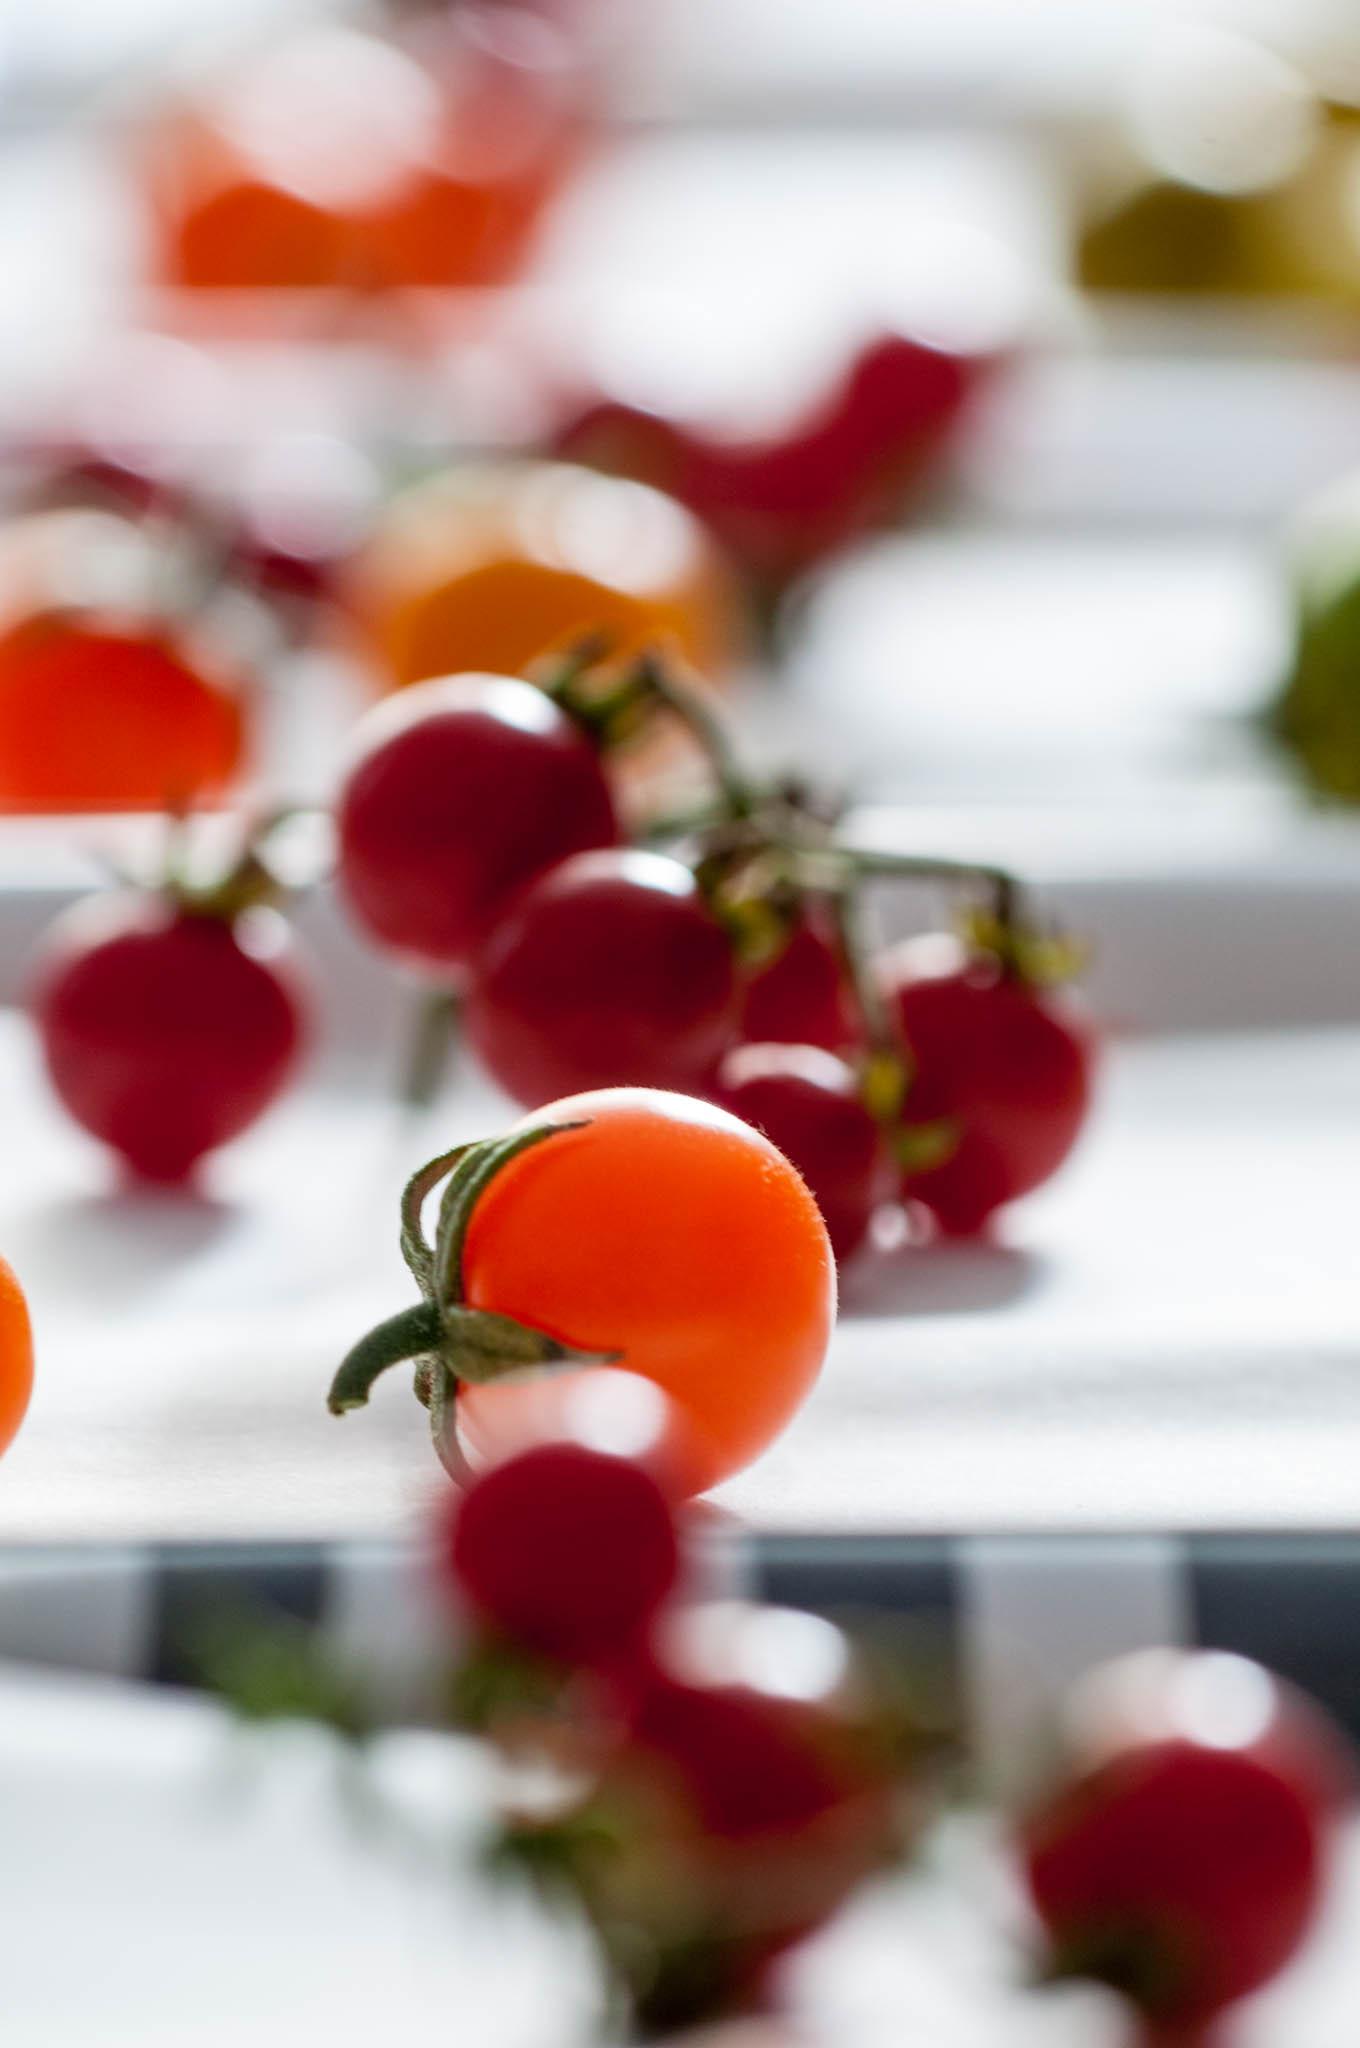 Tasting_forum Verkostung Bio 3.0 Paradeiser Tomaten Sortenvielfalt